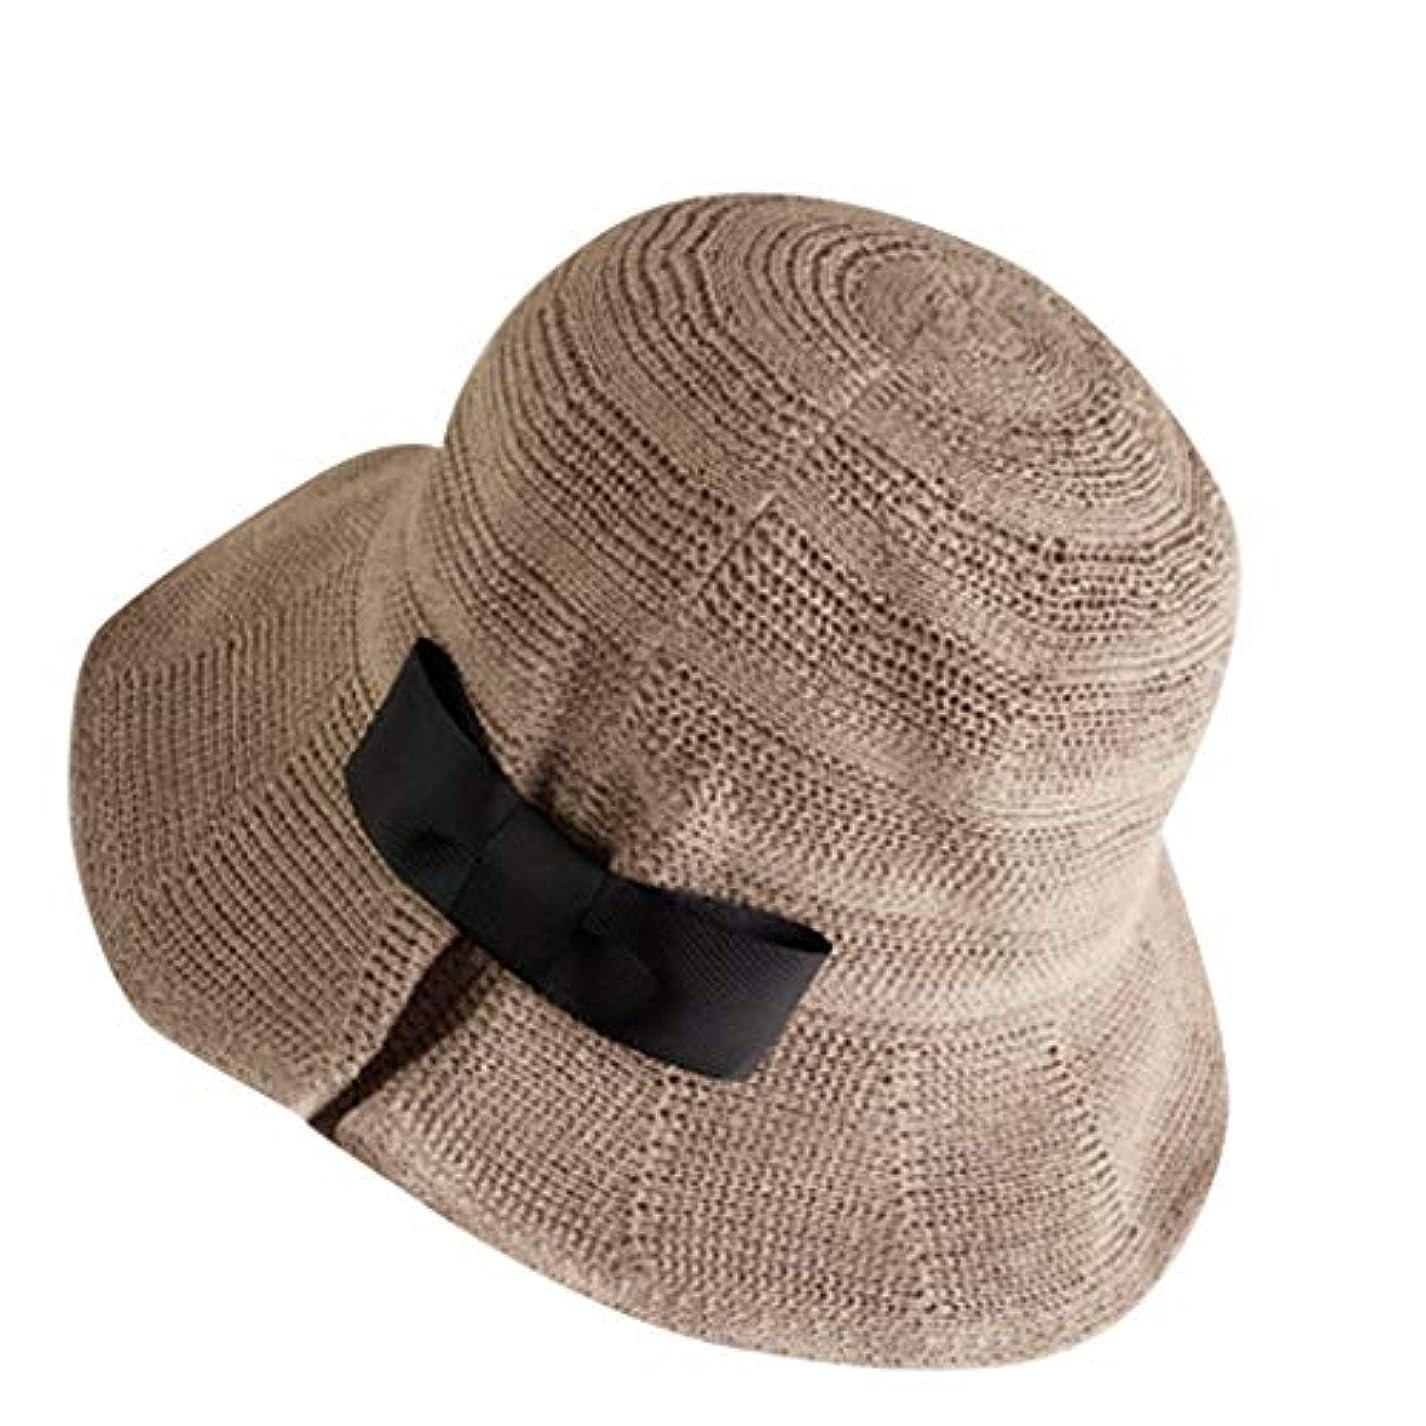 本質的ではない移植バイソンサンバイザー 帽子 レディース 大きいサイズ 日よけ つば広 紫外線対策 小顔効果抜群 春夏 お出かけ用 ビーチハット 蝶結び ハット レディース 日除け帽子 紫外線対策 キャップ 漁師の帽子 漁師キャップ ROSE ROMAN